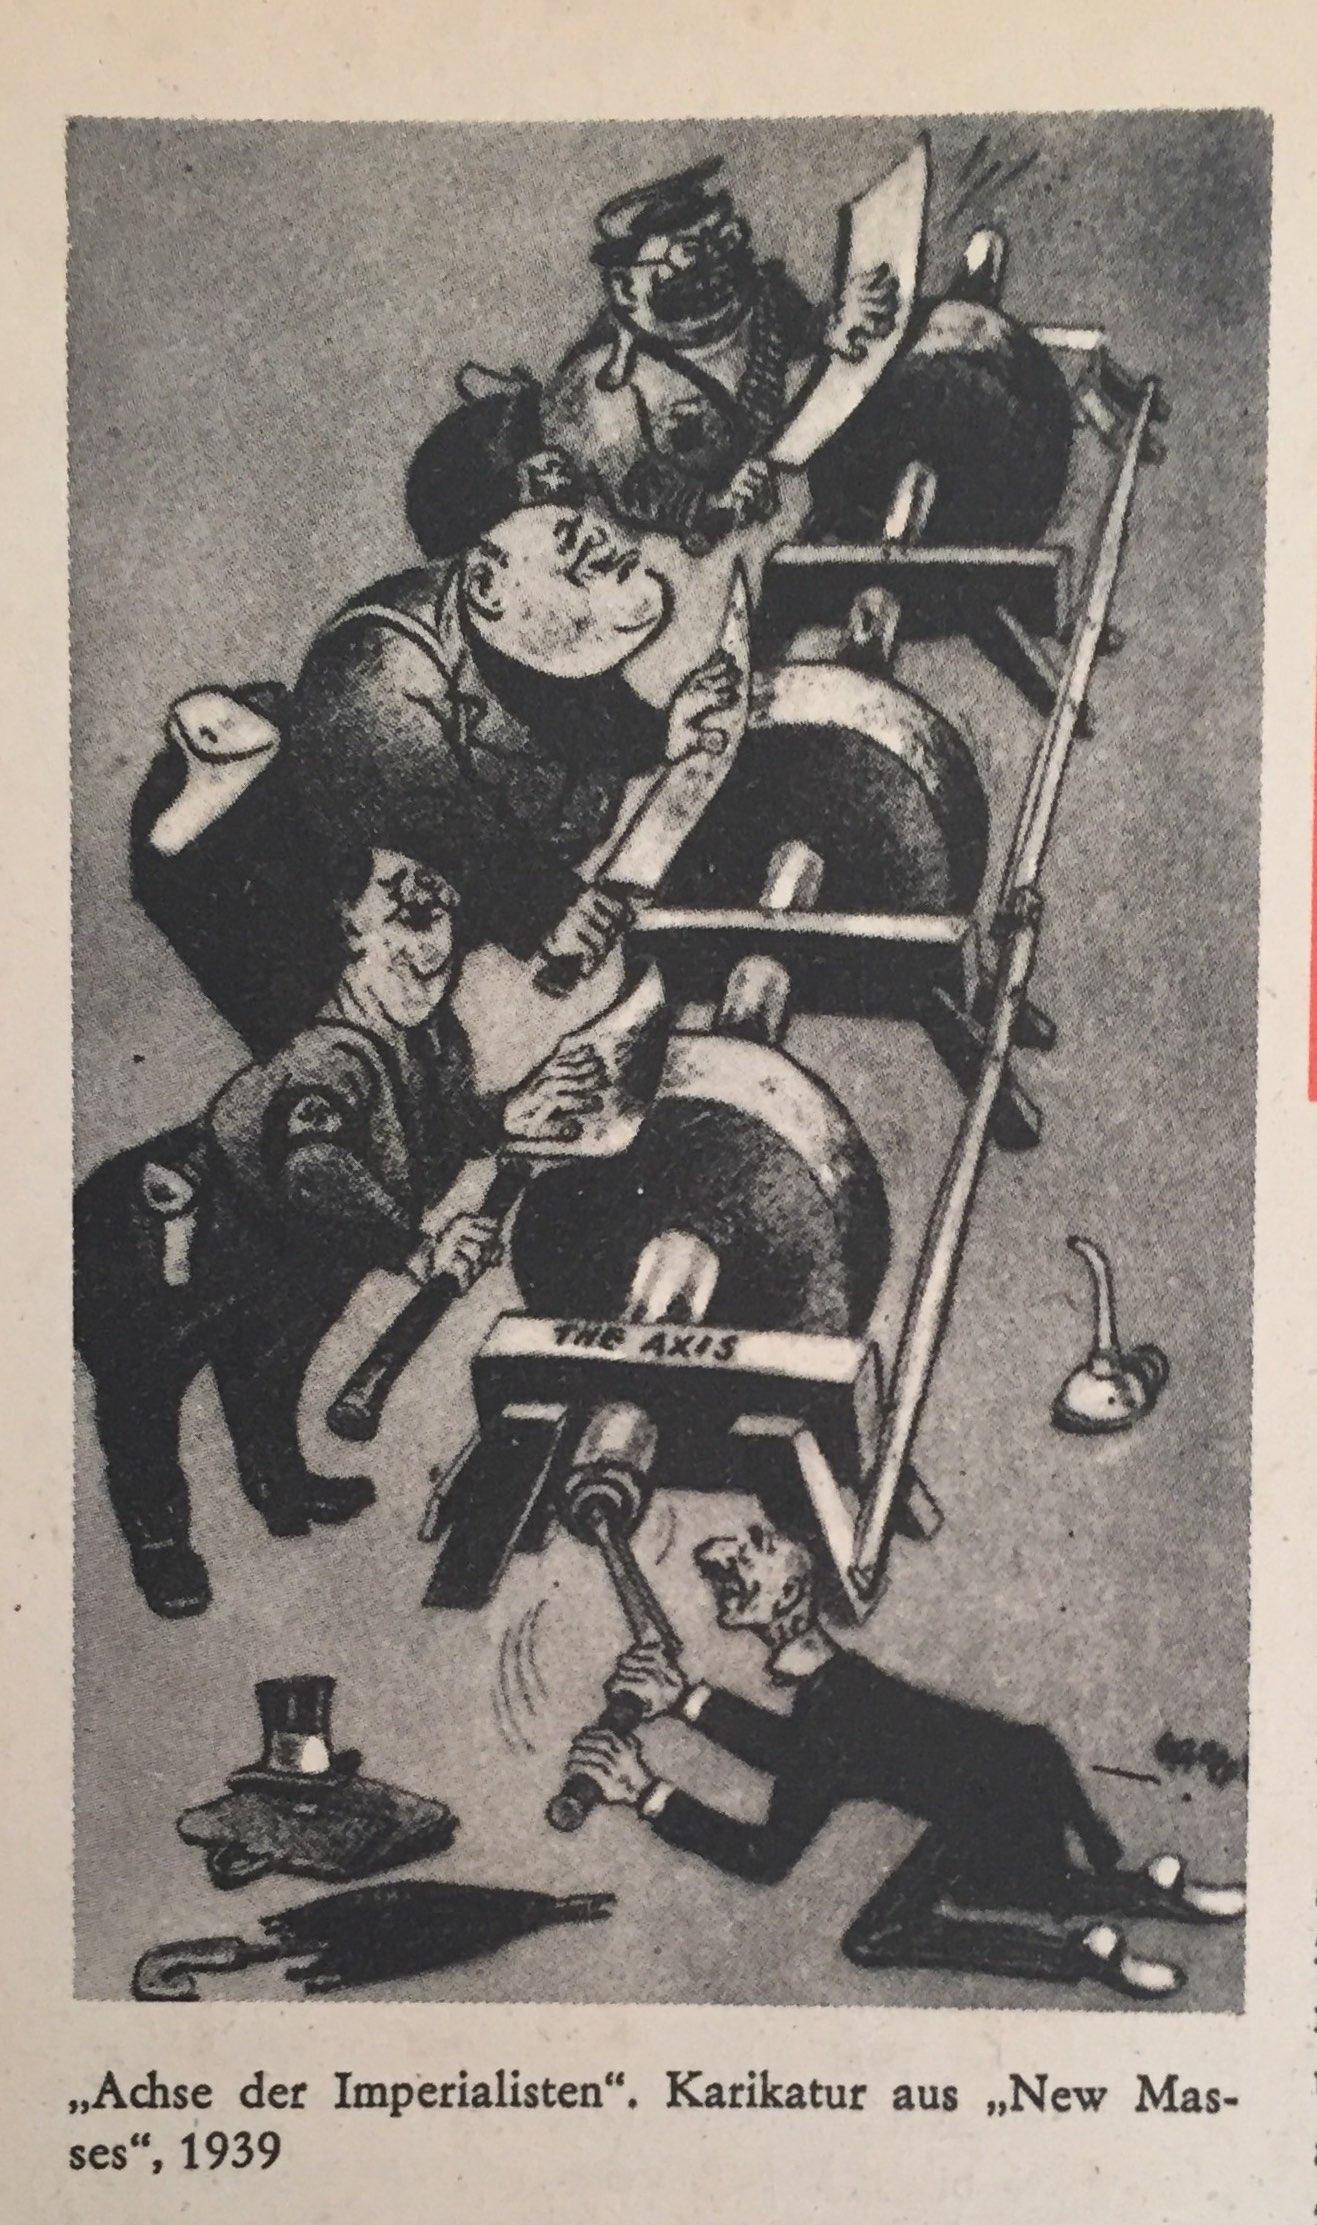 Das internationale Kräfteverhältnis am Vorabend des zweiten Weltkrieges